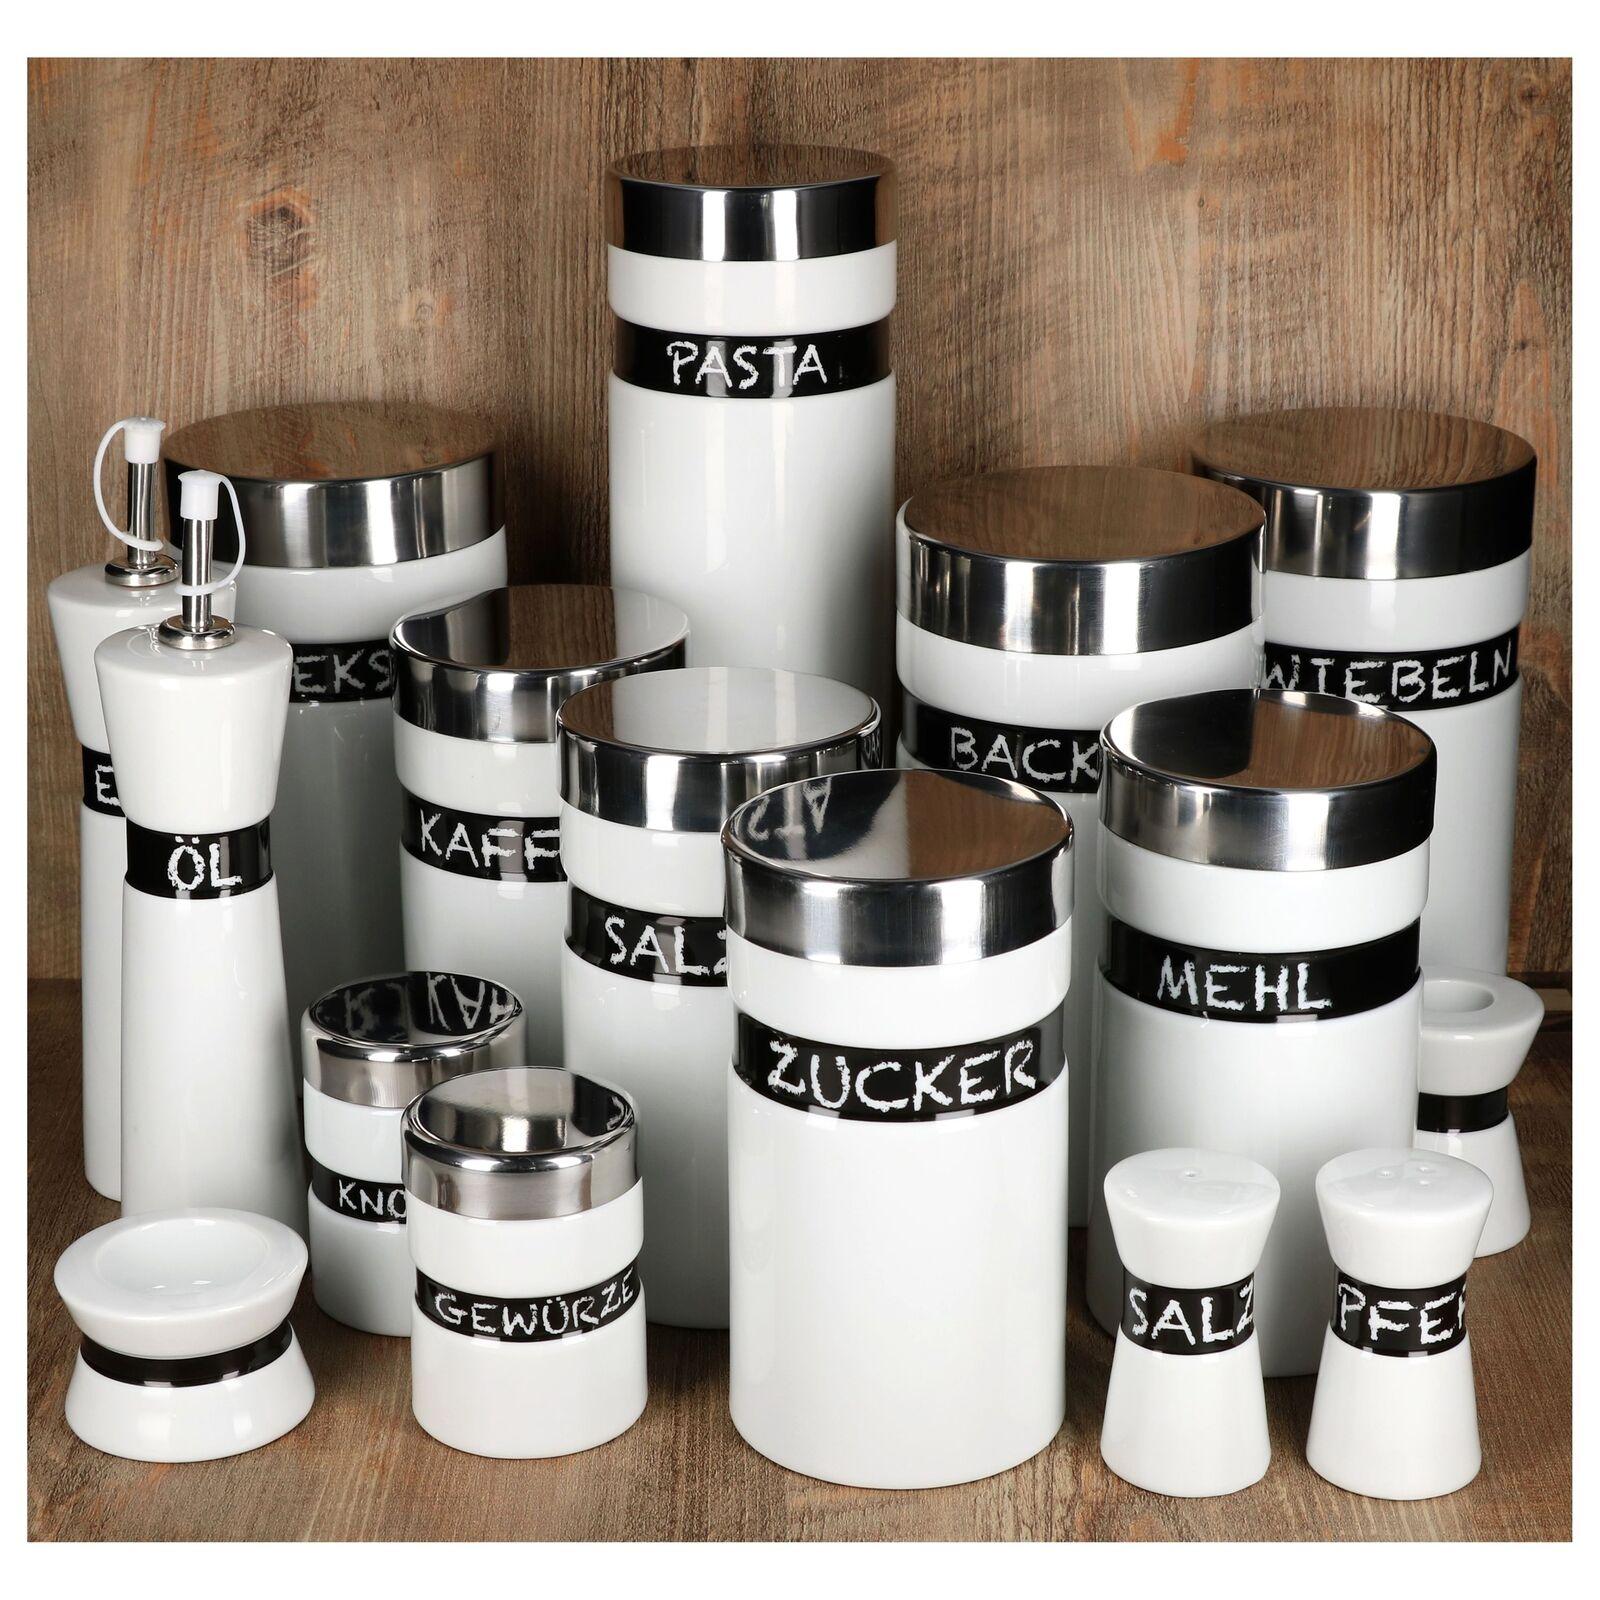 Van Well Porzellan Loft Vorratsdosen Aufbewahrungsdose Gewürzbehälter Öl Streuer